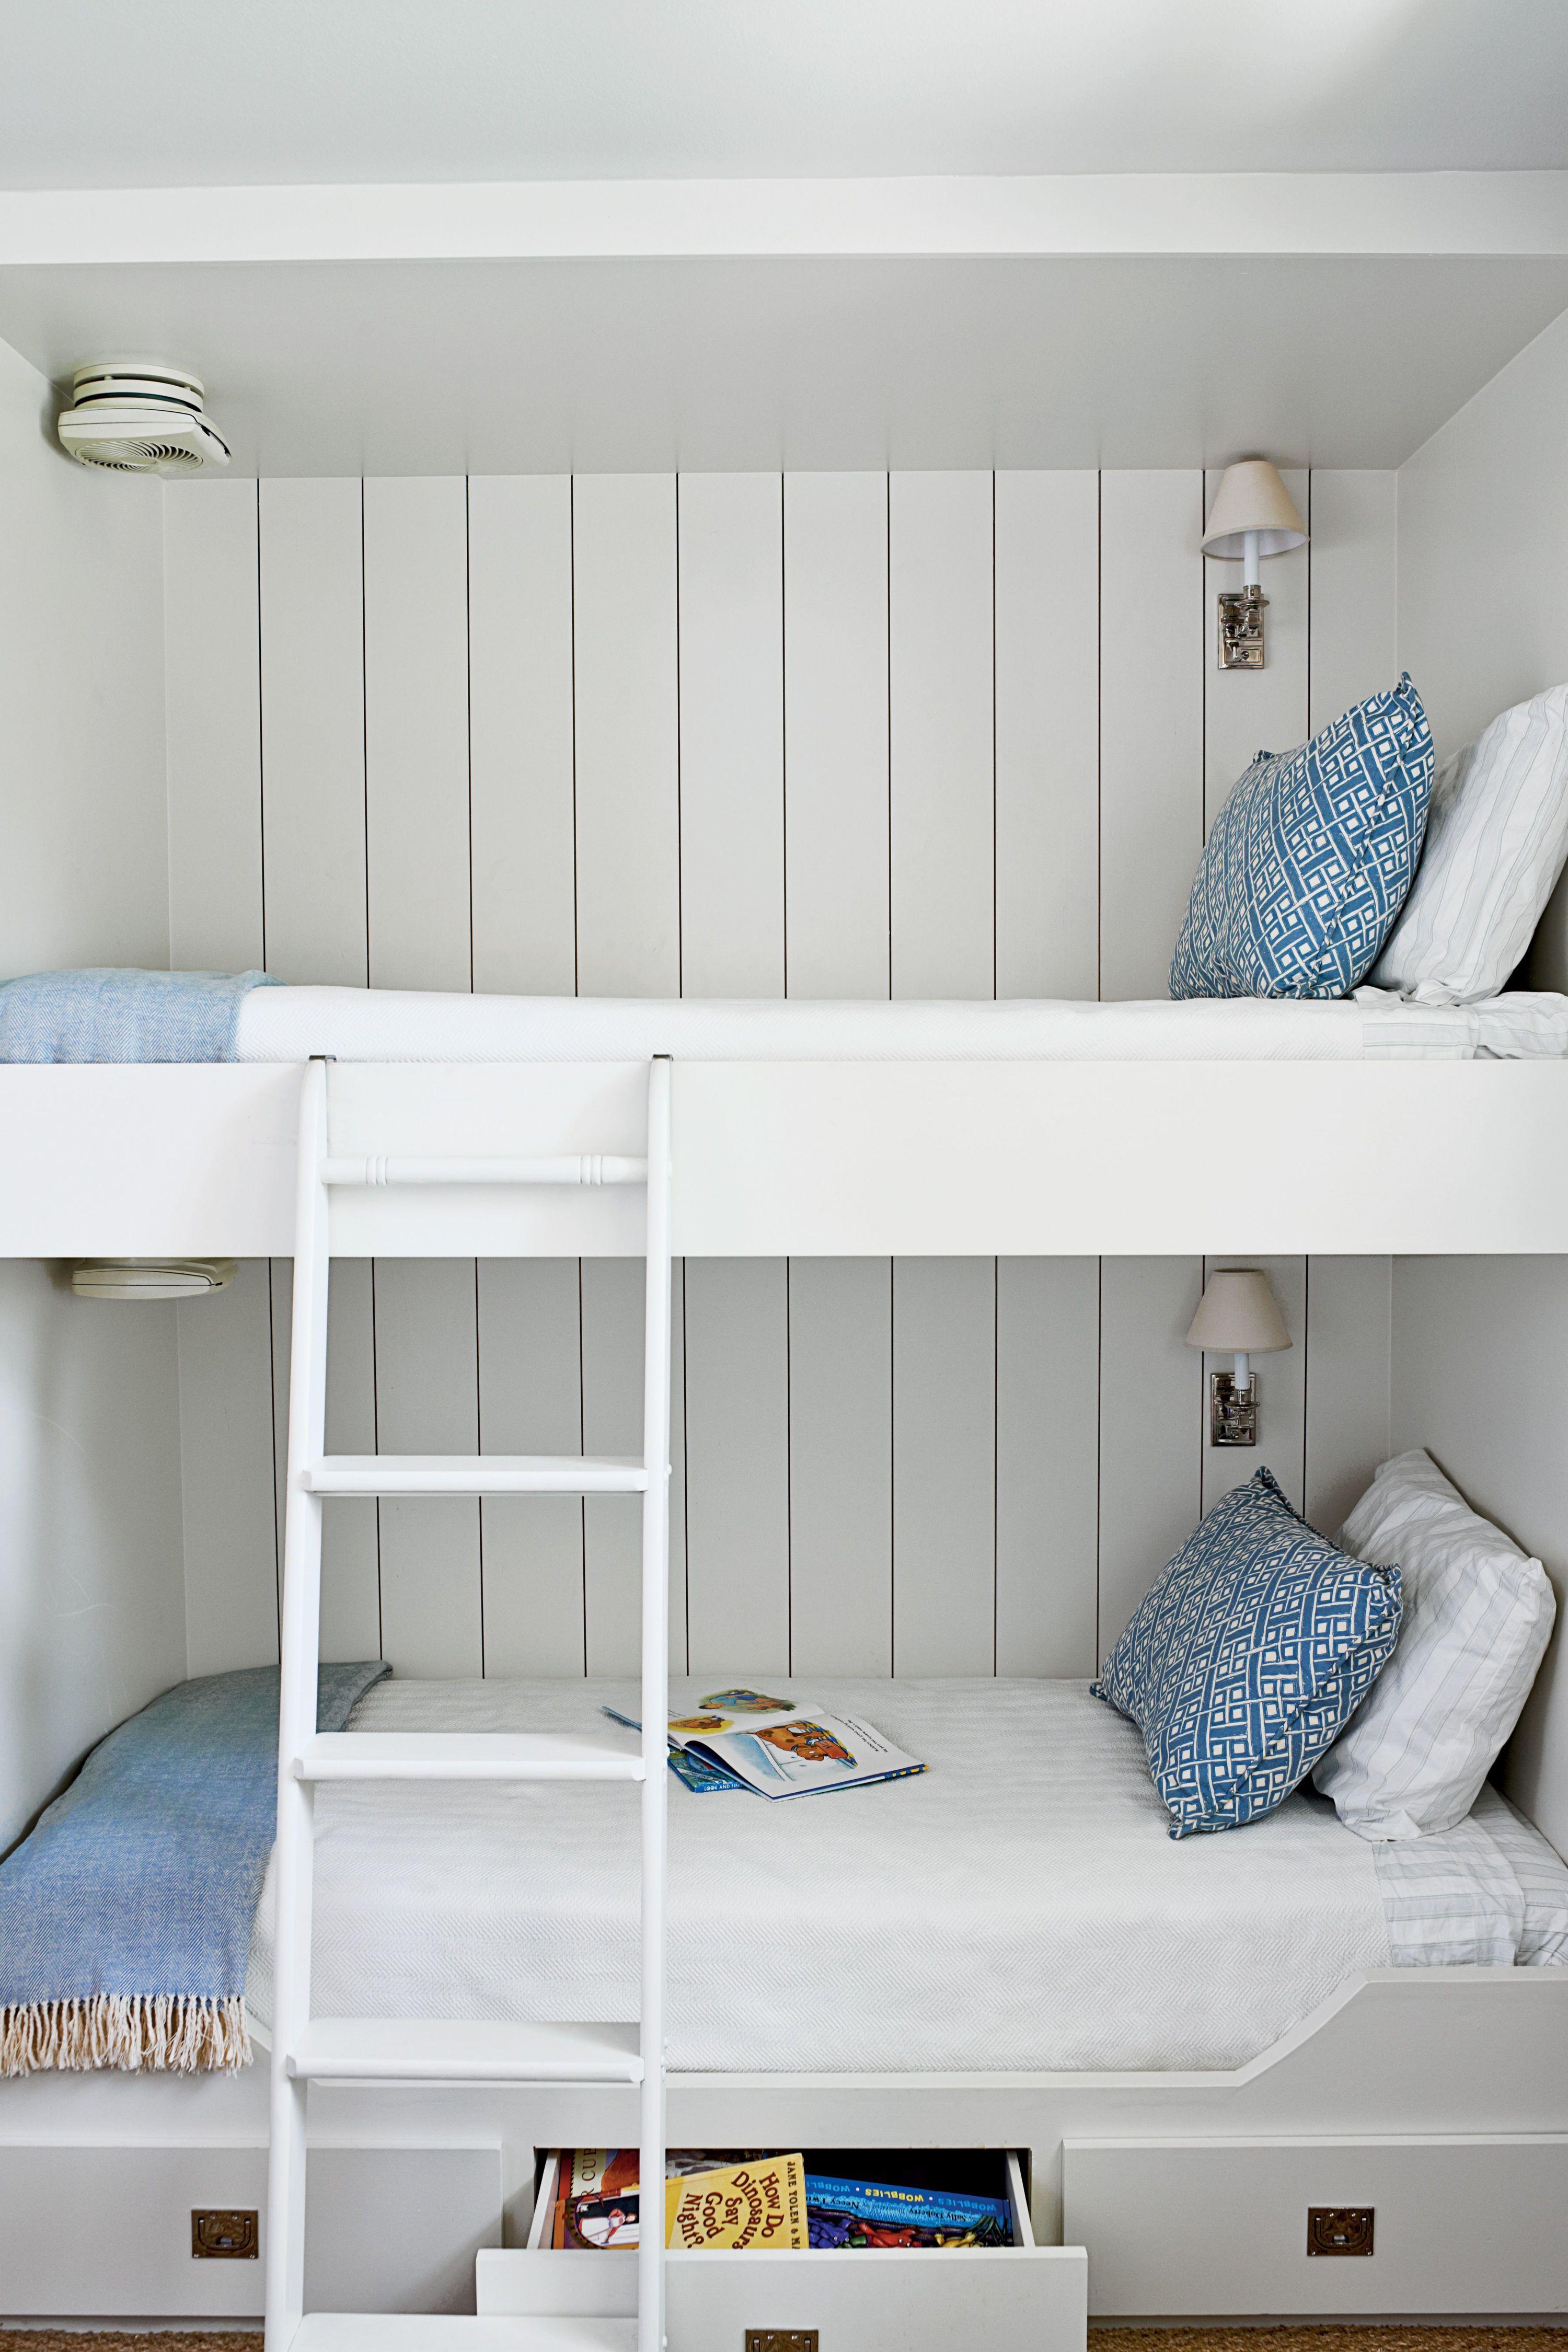 20 Fabulous Beach House Bunk Rooms Bunk Beds Built In Cool Bunk Beds Bunk Beds